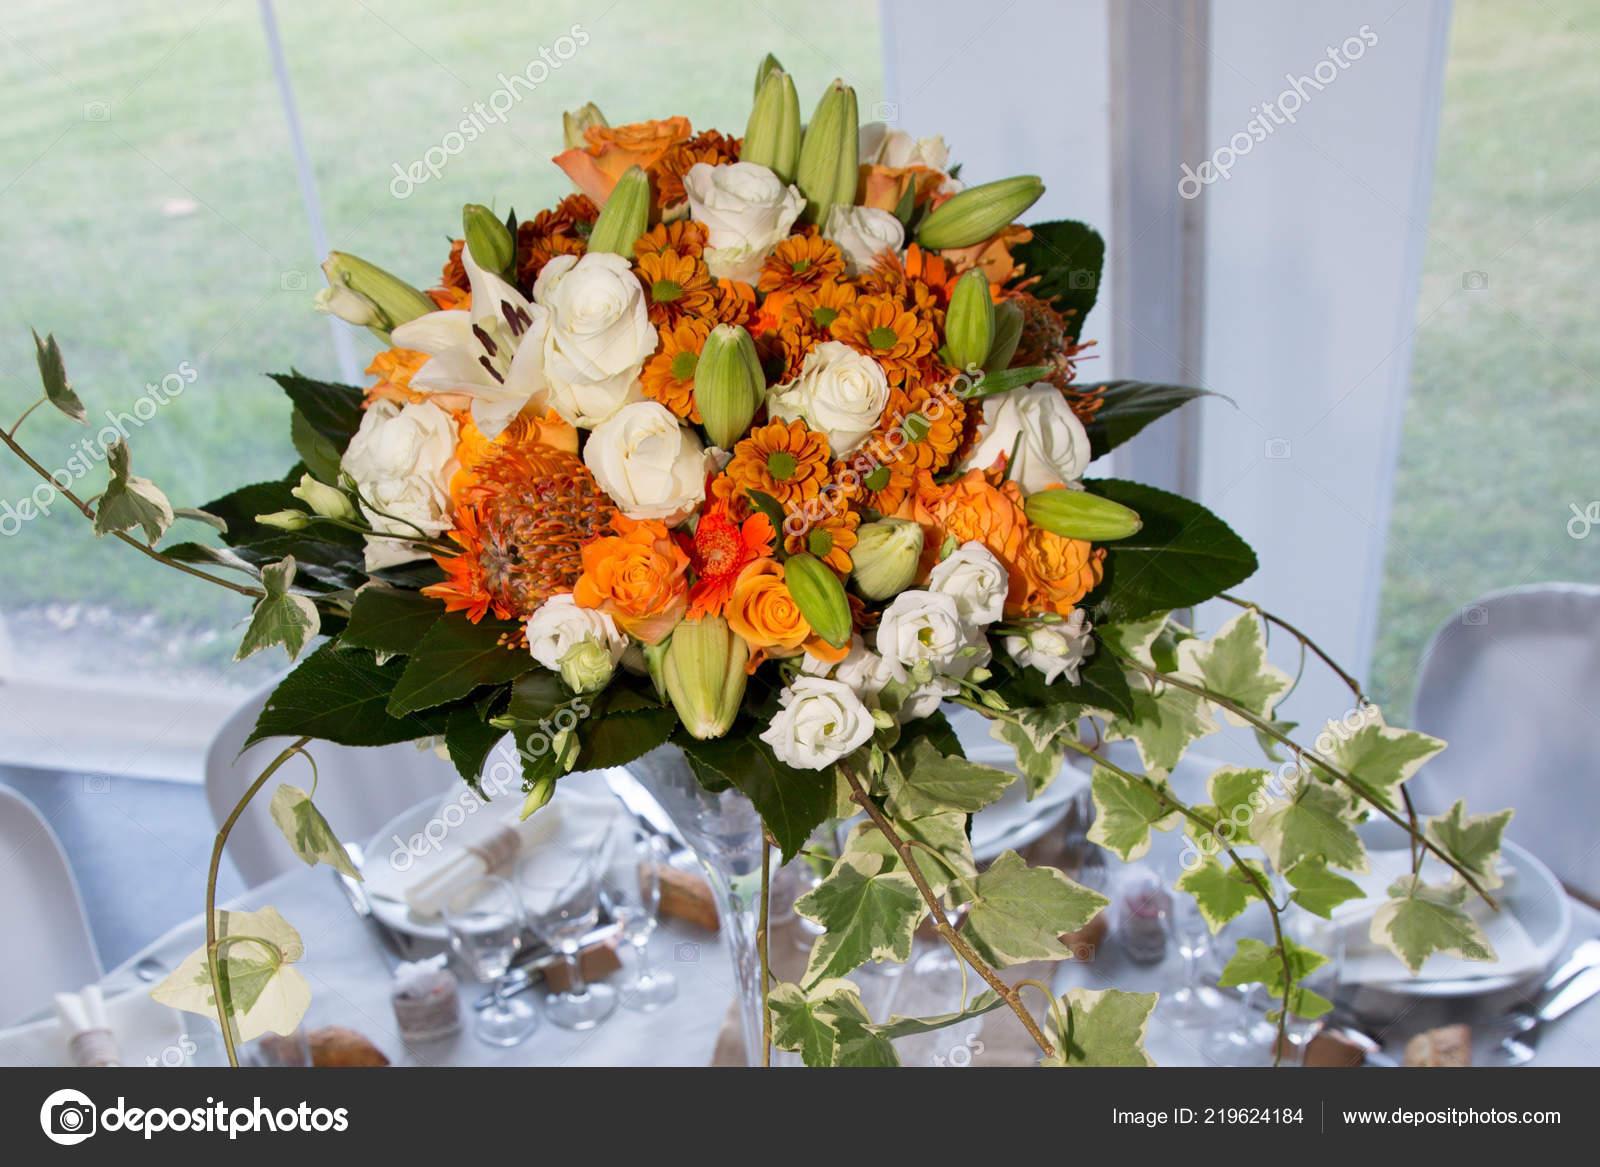 Hochzeit Tischdekoration Mit Blumen Orange Bouquet Stockfoto